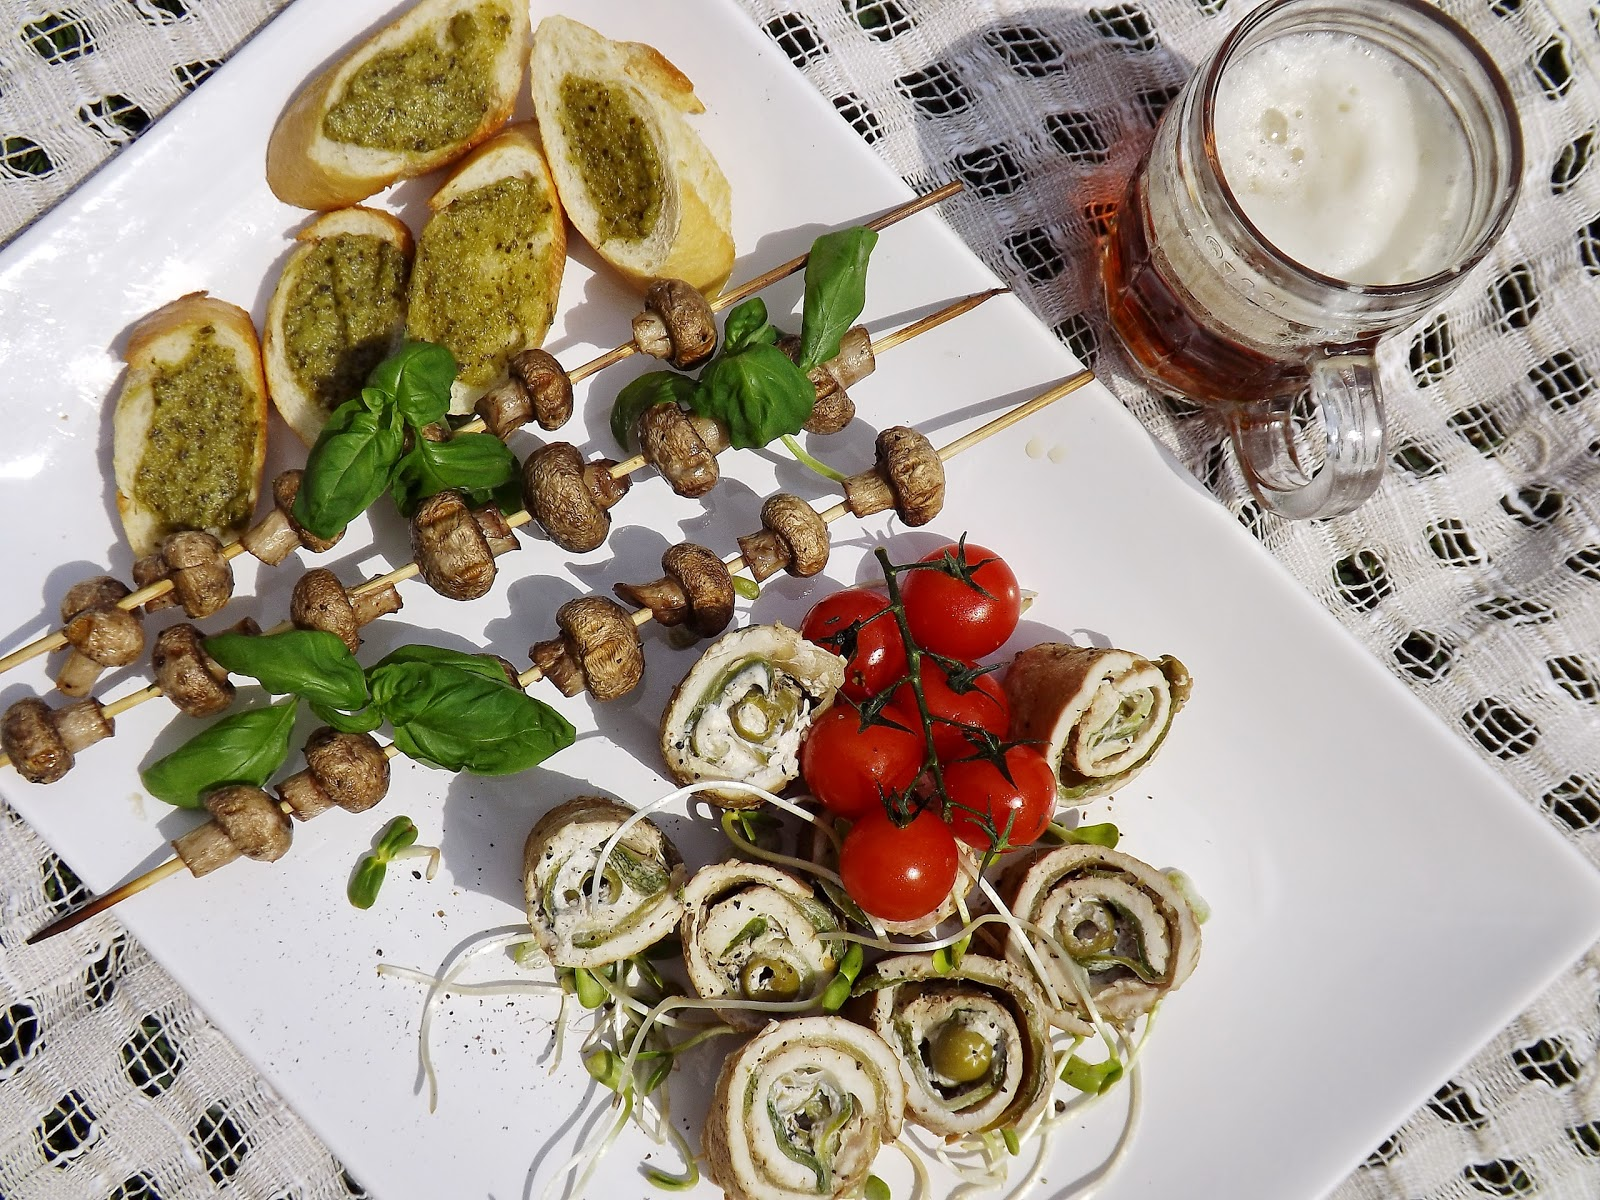 Grillowana rolada z kurczaka z kozim serem, oliwkami, cukinią podane z piwem marcowe